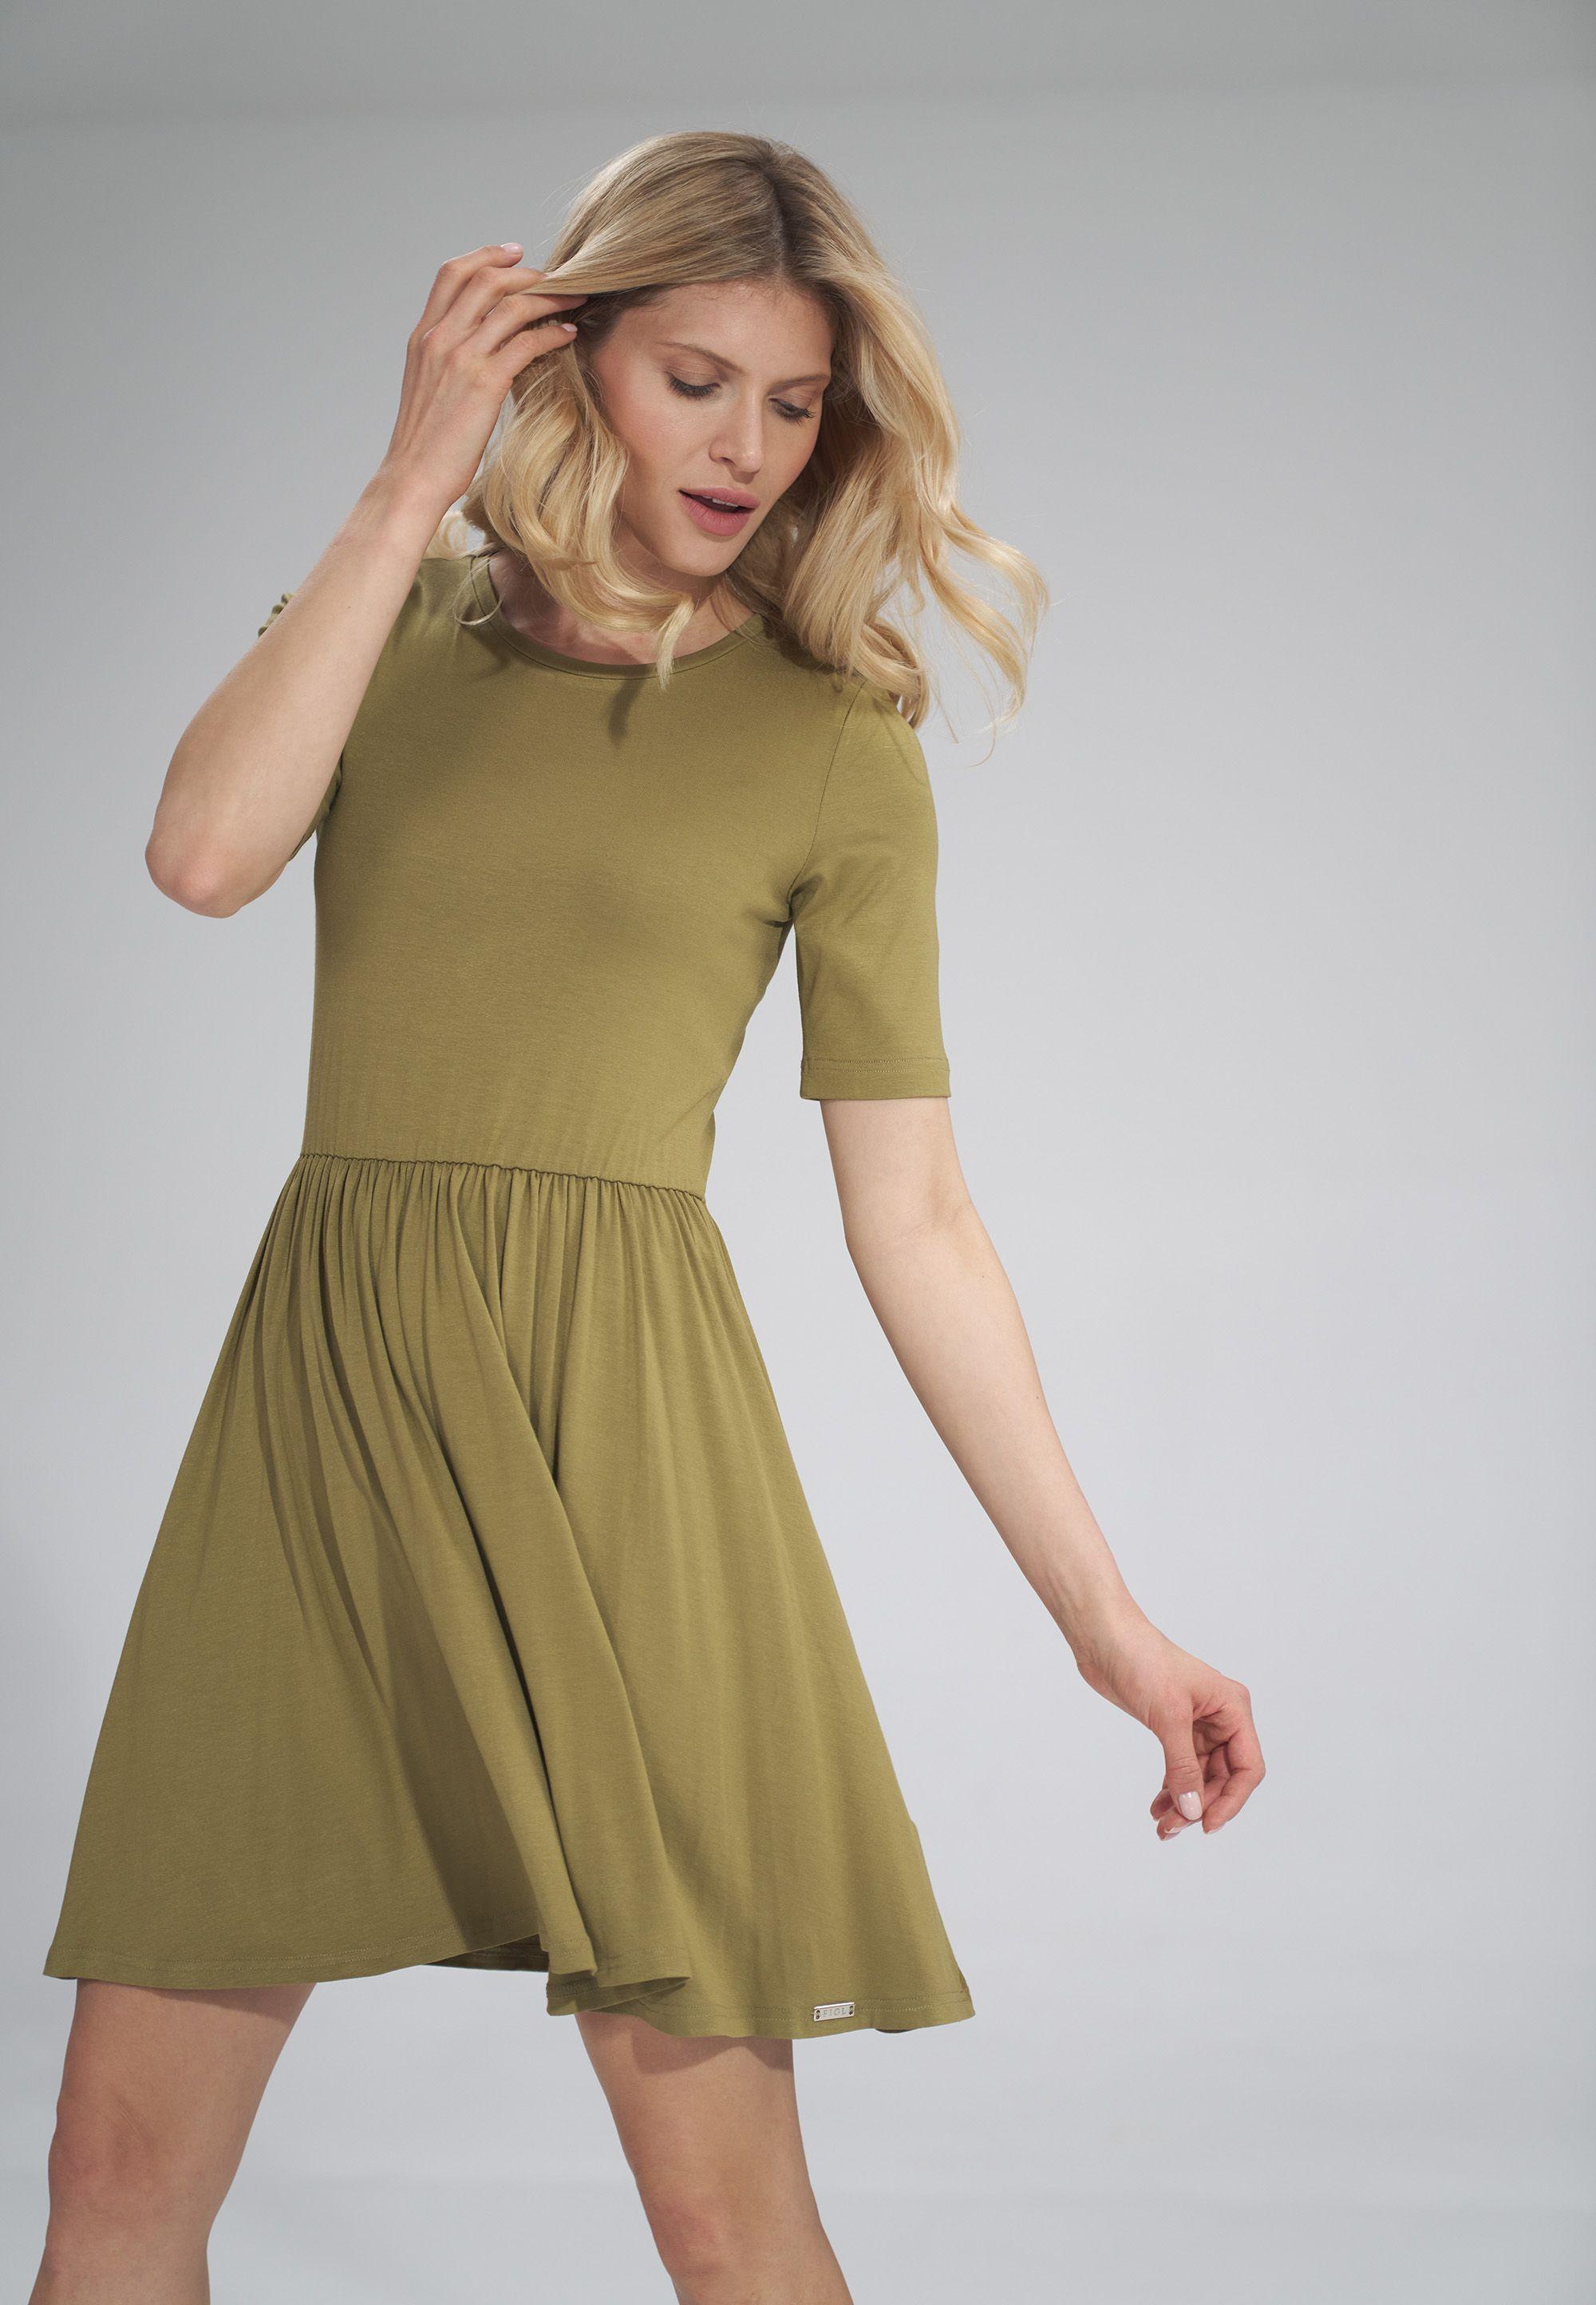 Short Sleeve Summer Dress